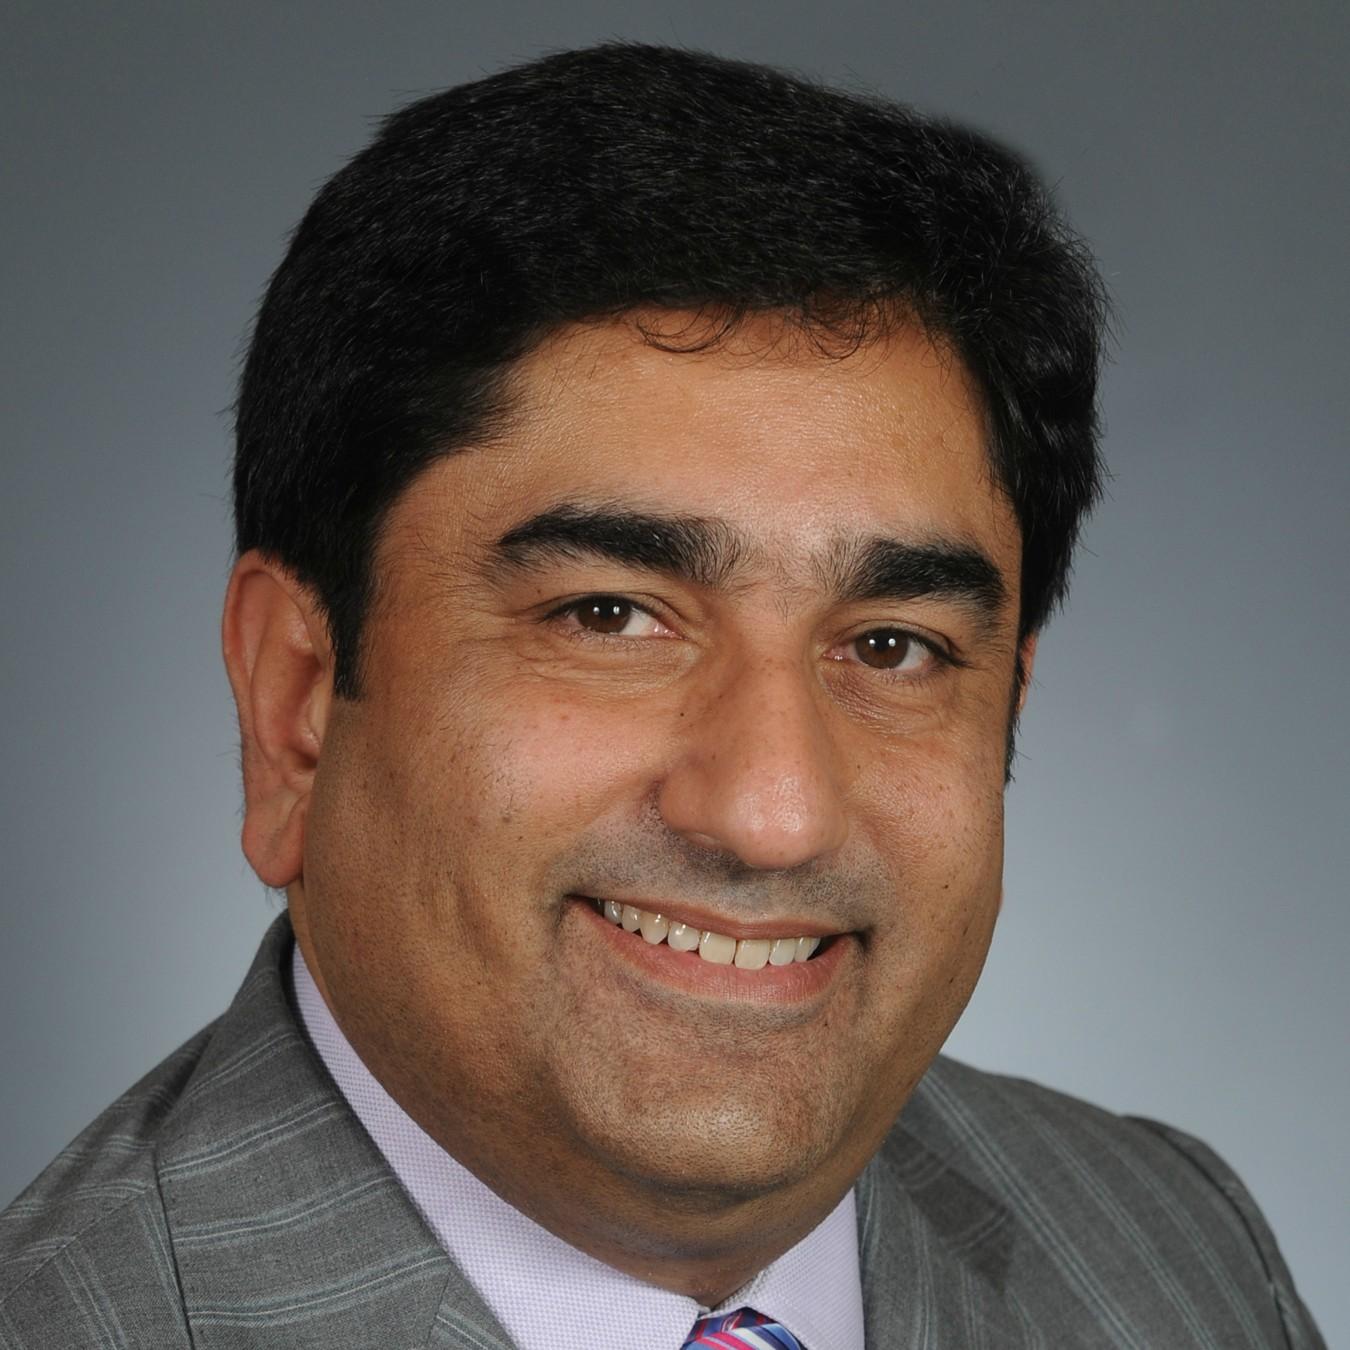 Ahmad Ishaque Jehangir